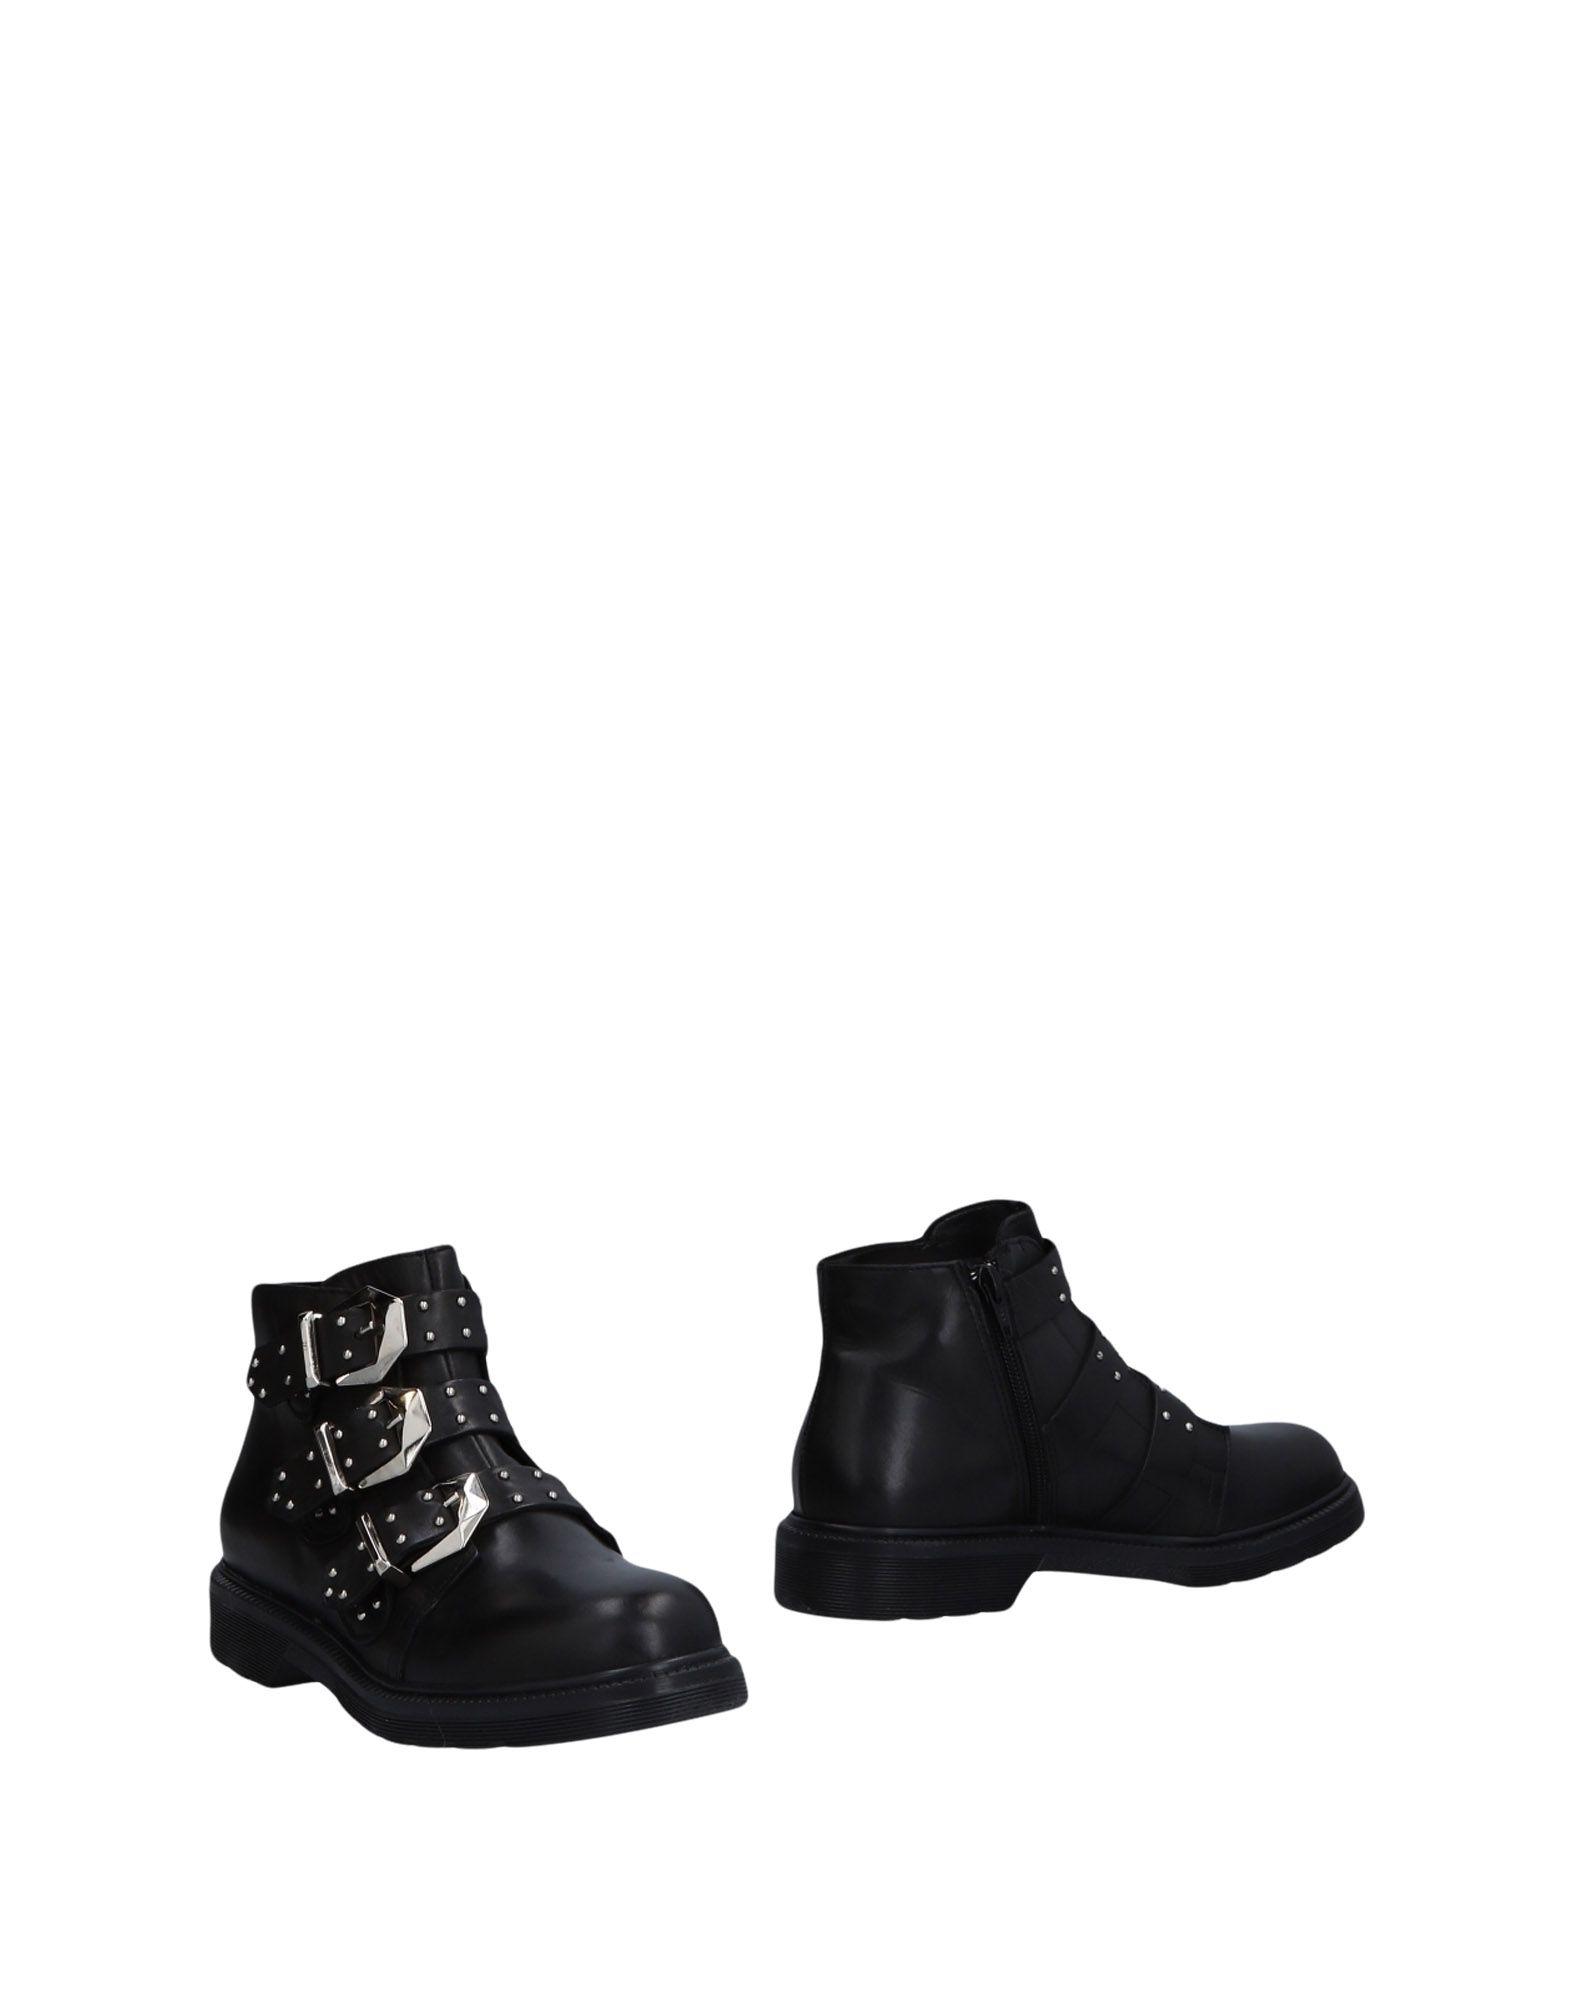 Unlace 11473121VK Stiefelette Damen  11473121VK Unlace Gute Qualität beliebte Schuhe bc46fd